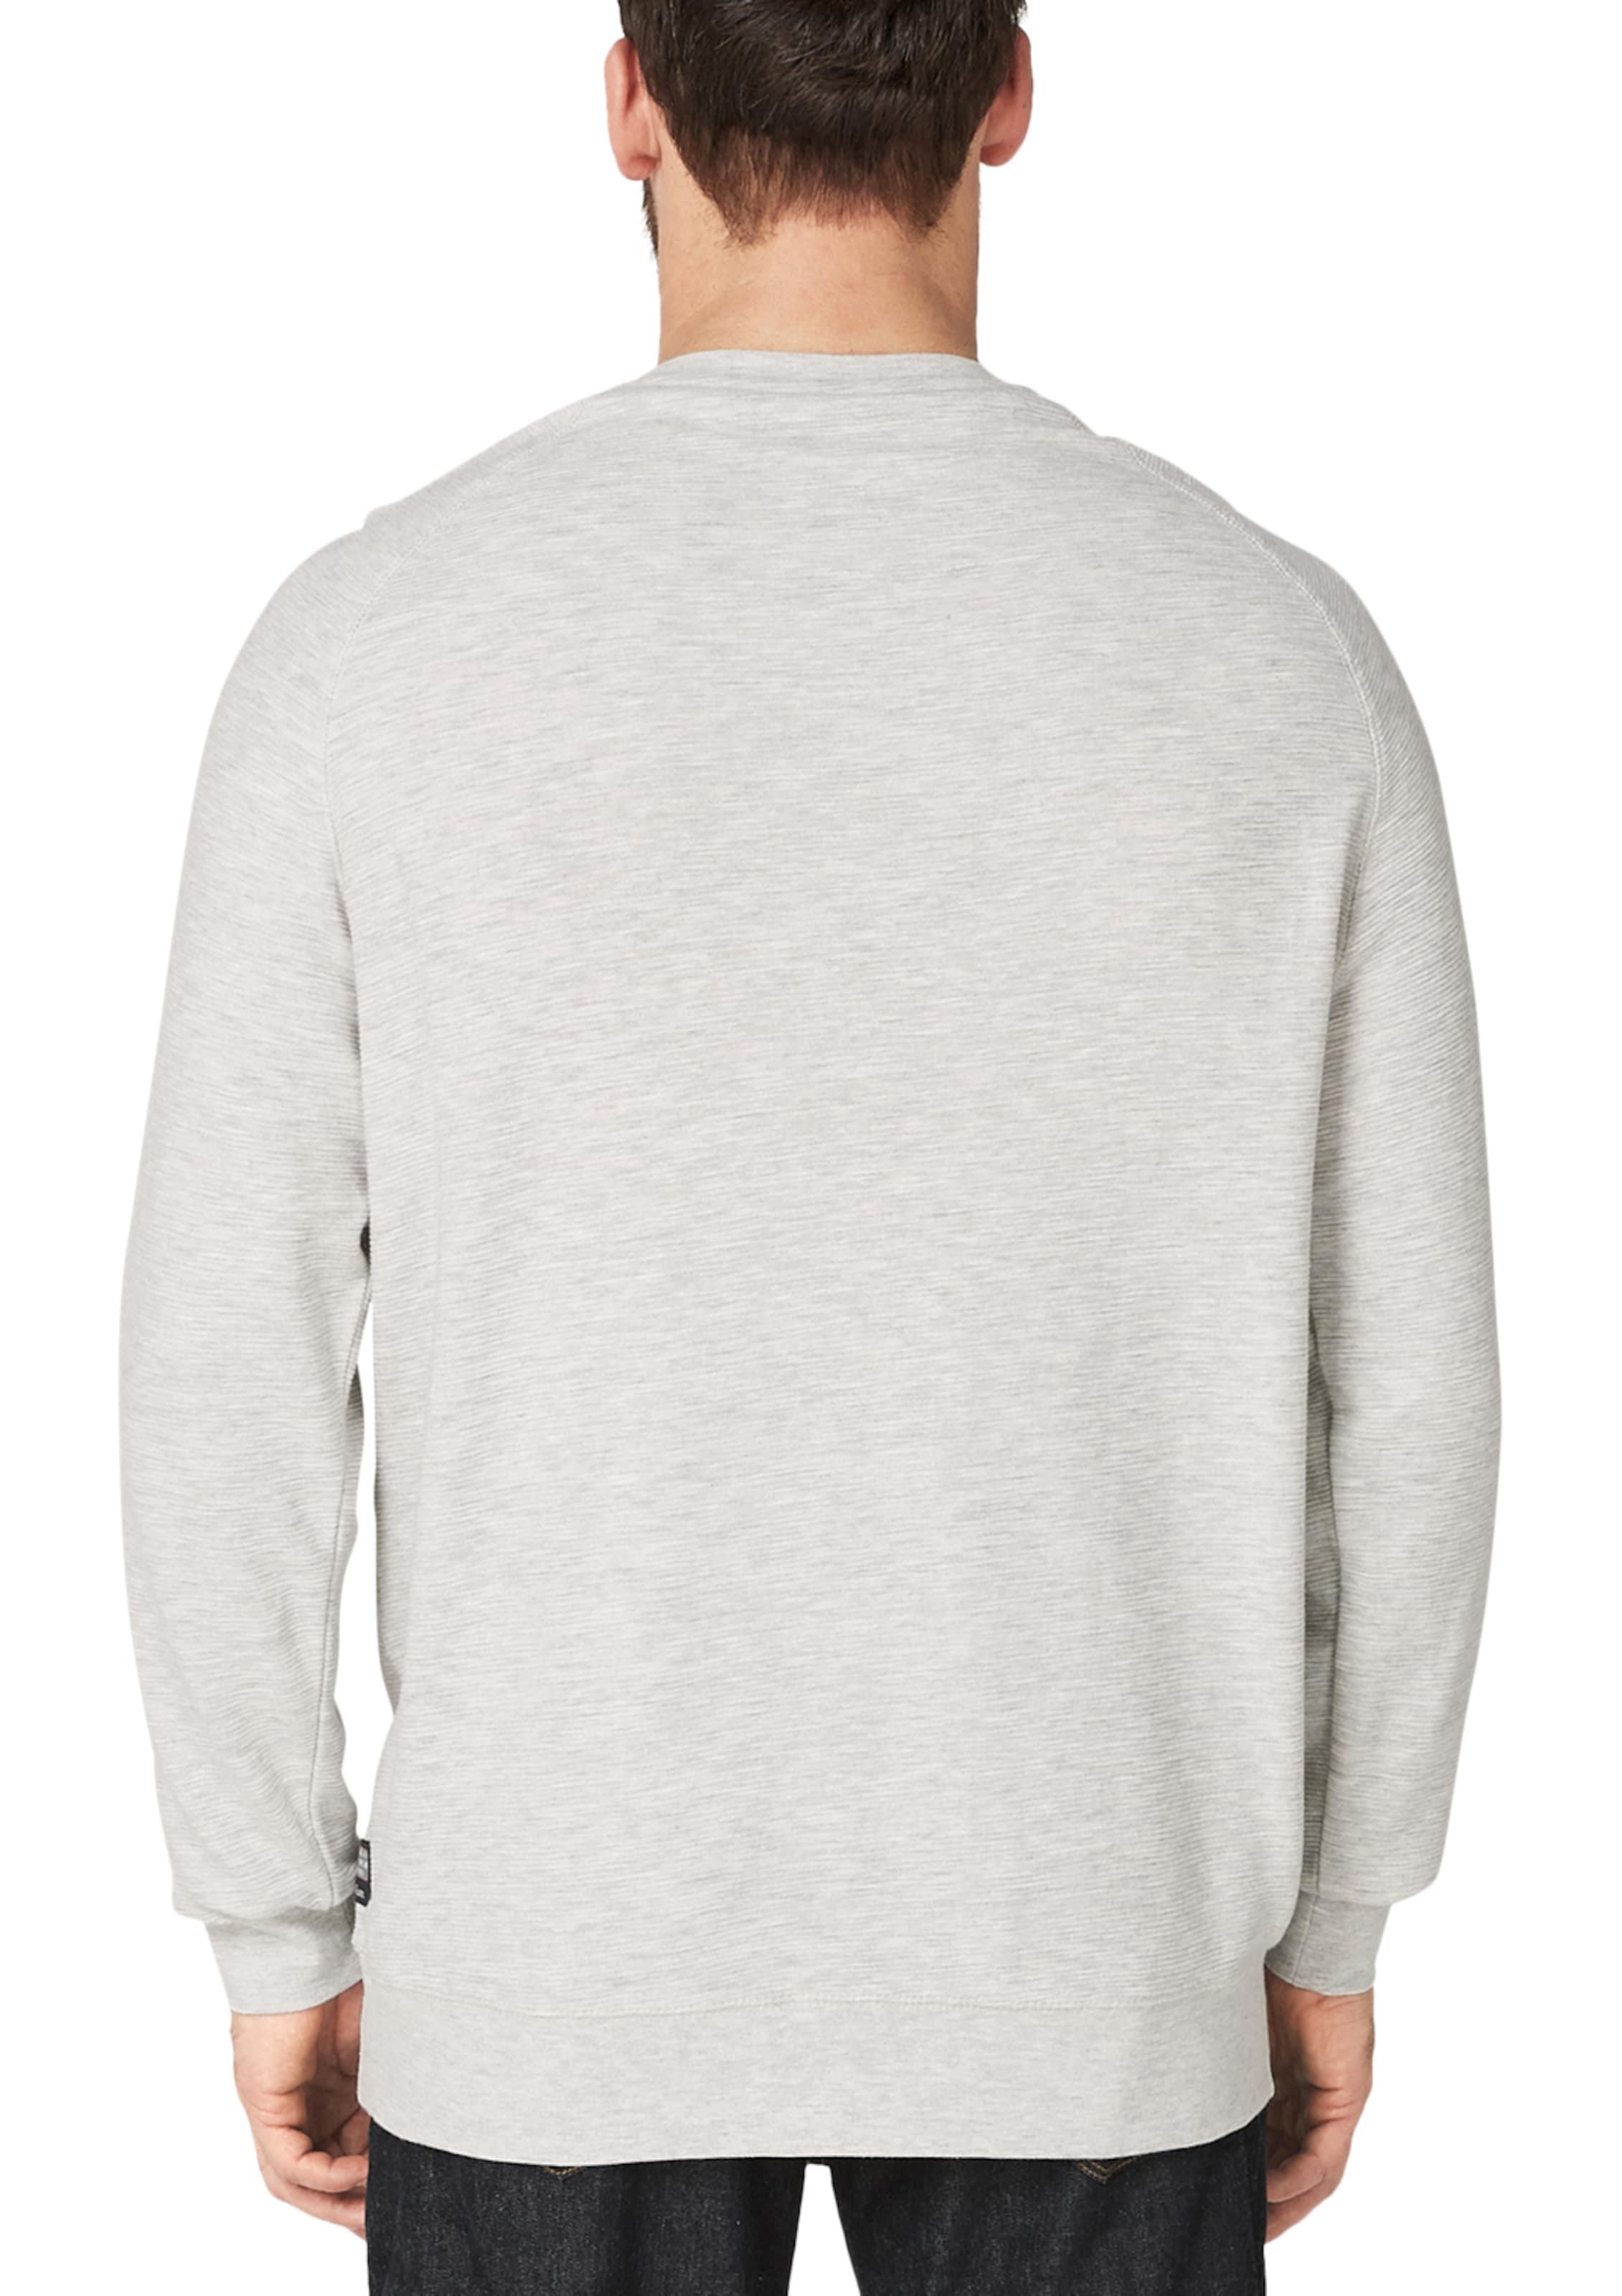 Label Hellgrau In Red Sweatshirt S oliver vgbf7Yy6